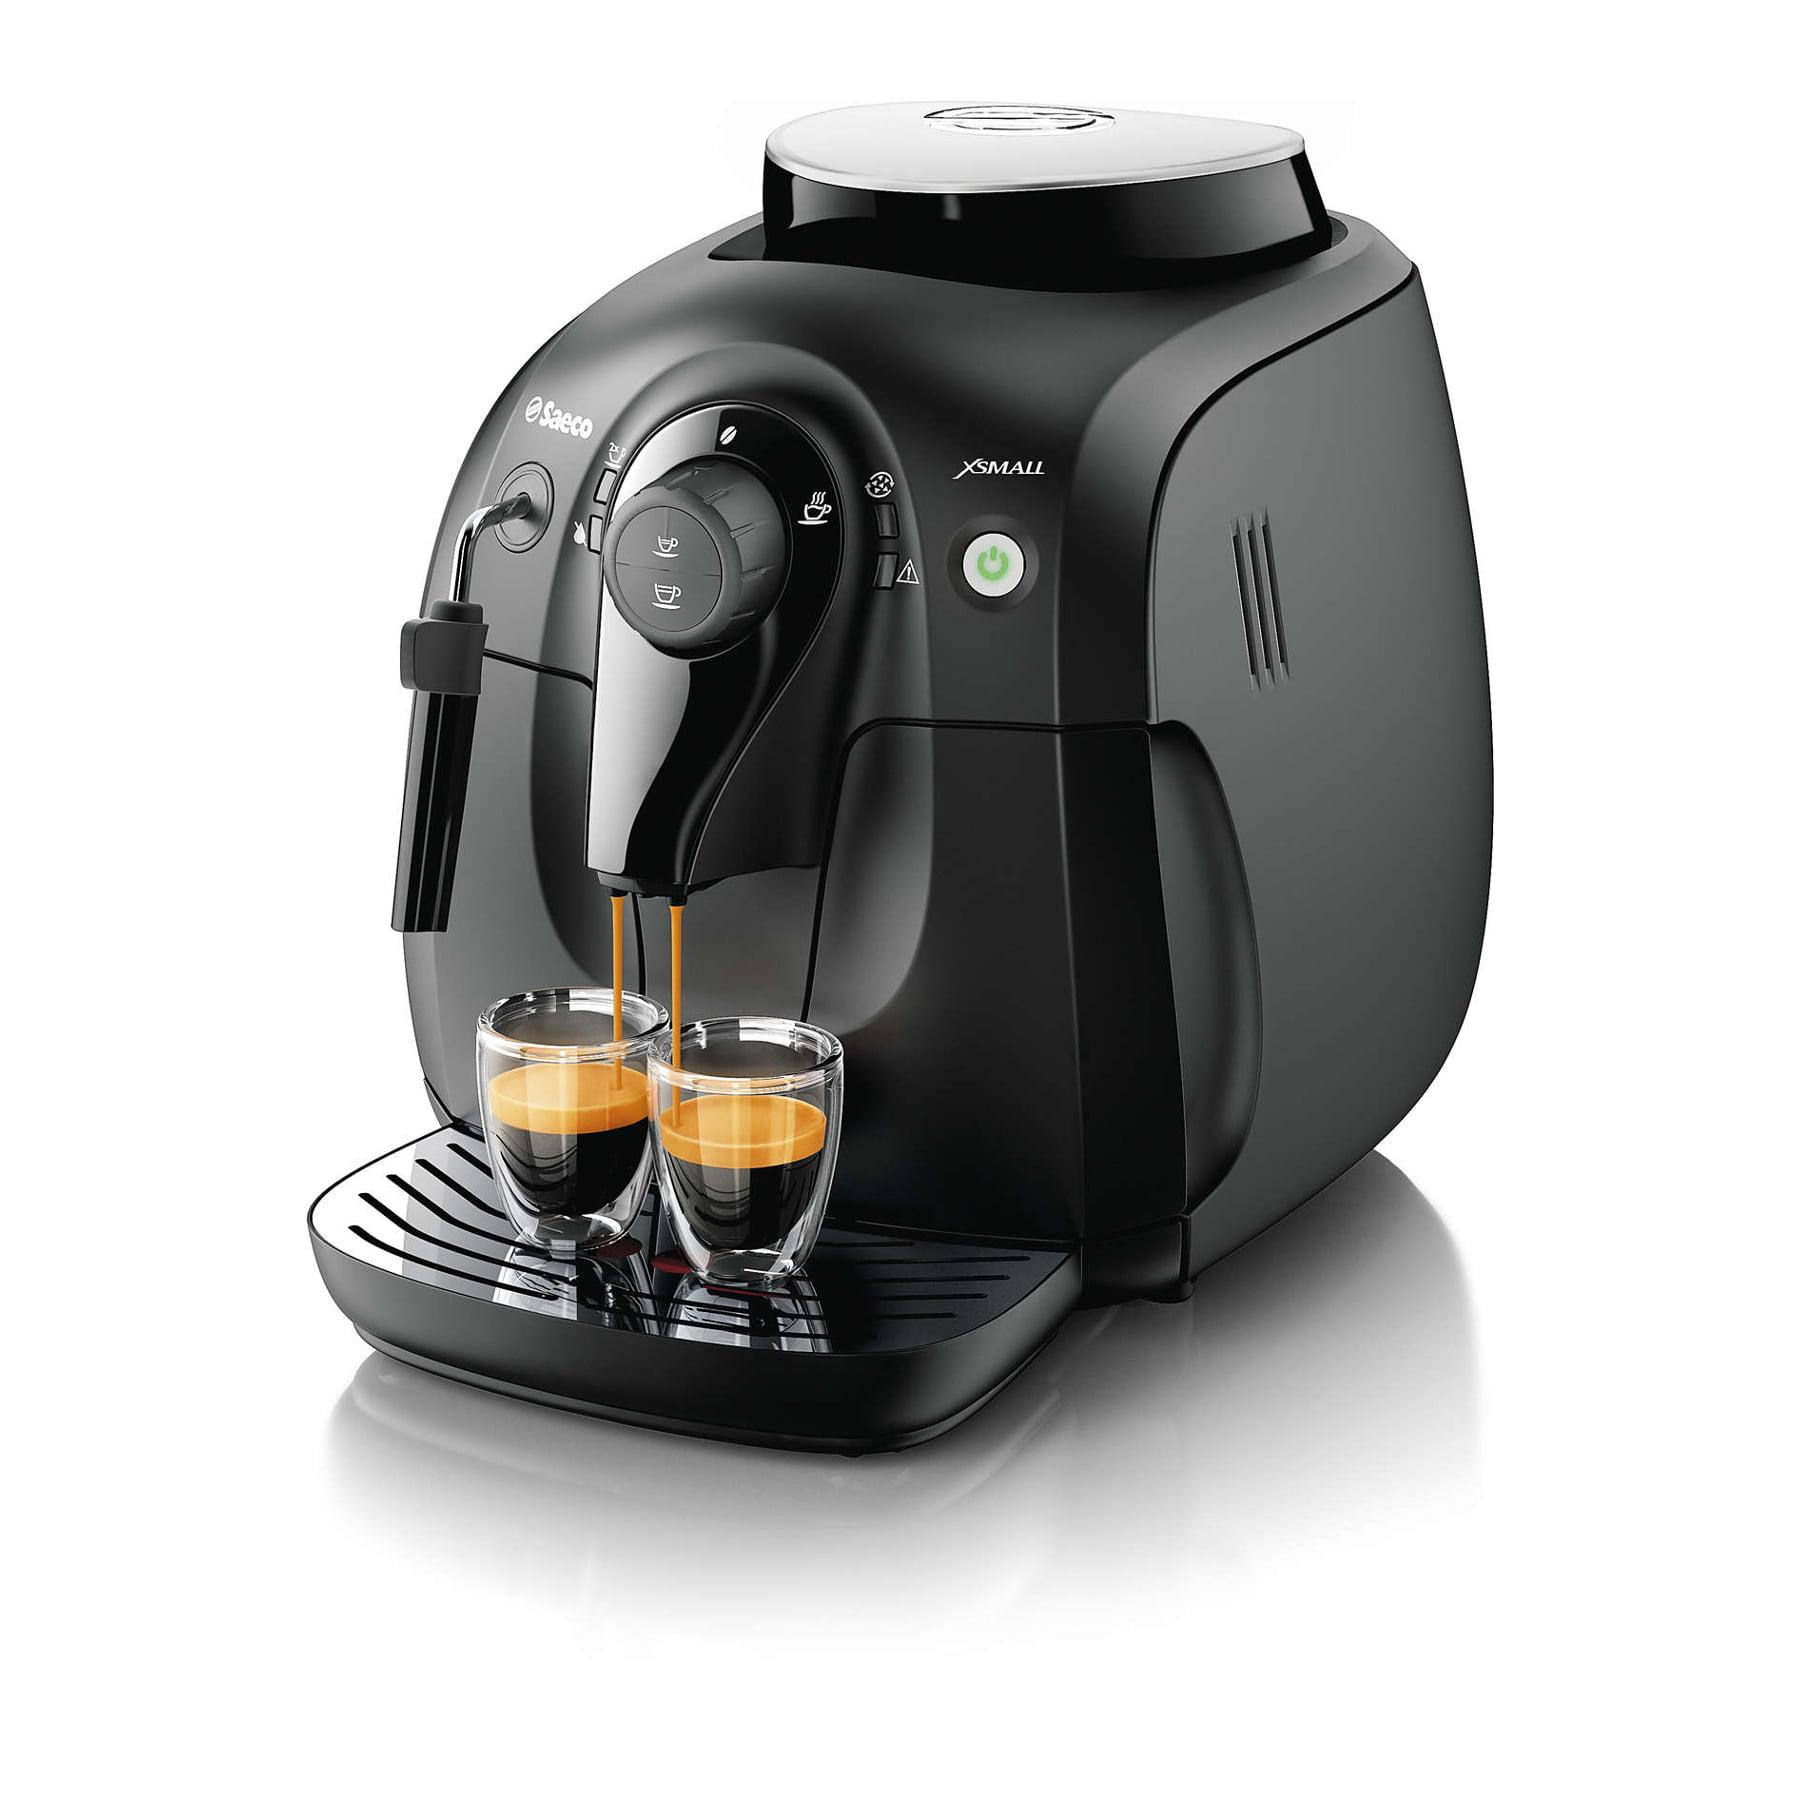 Saeco Xsmall Vapore Black Super-Automatic Espresso Machine